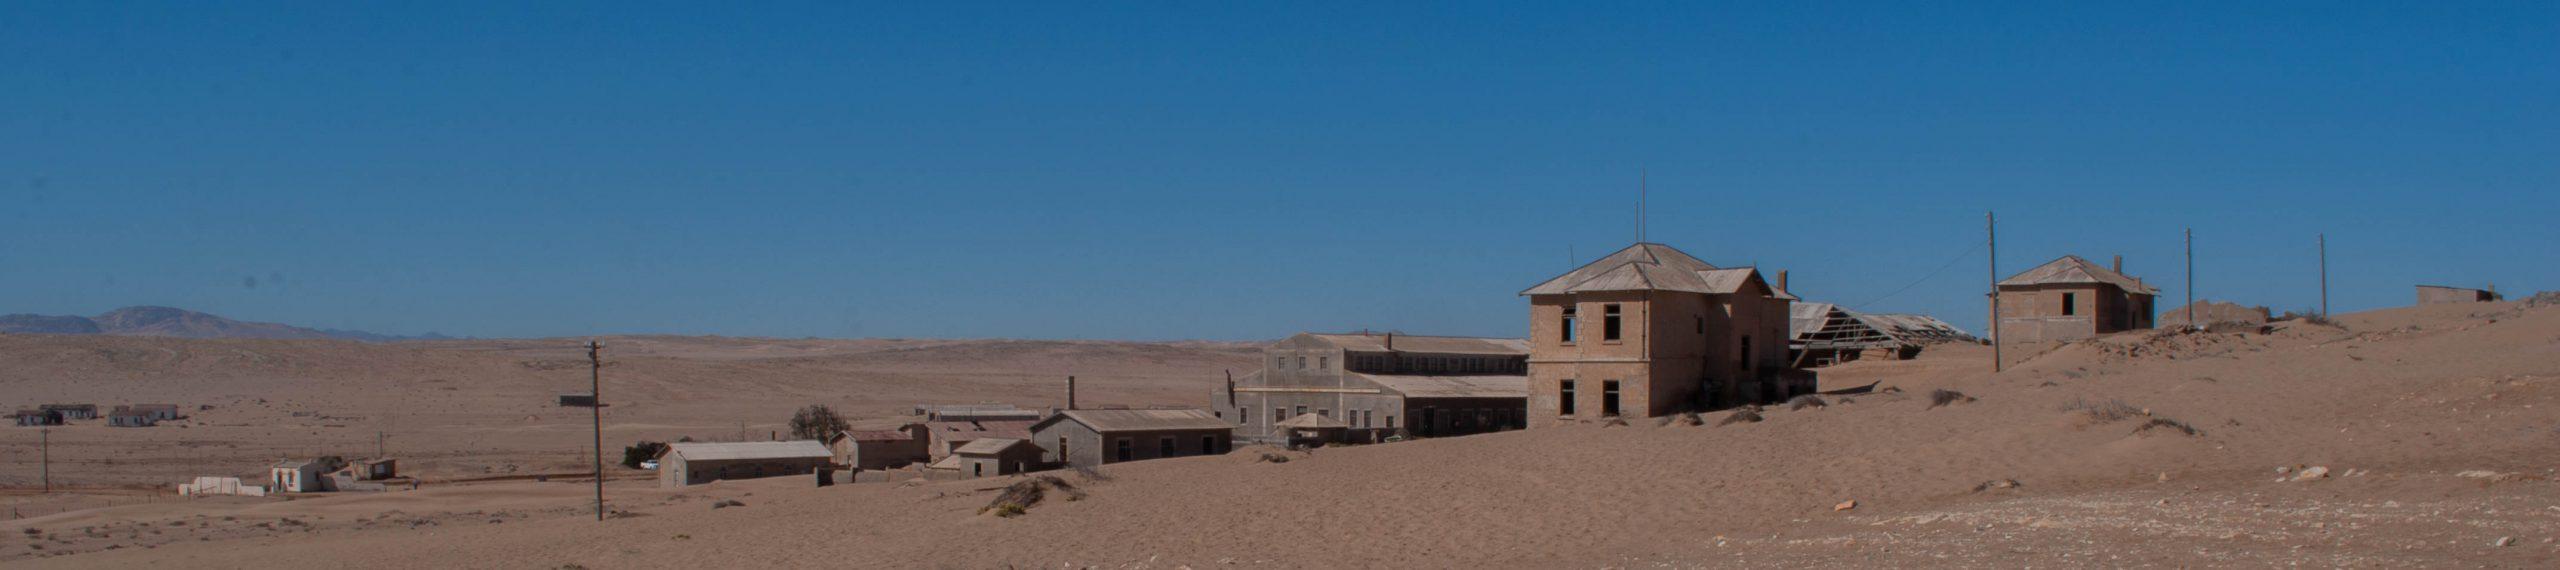 Verlaten stadje Kolmanskop Namibië